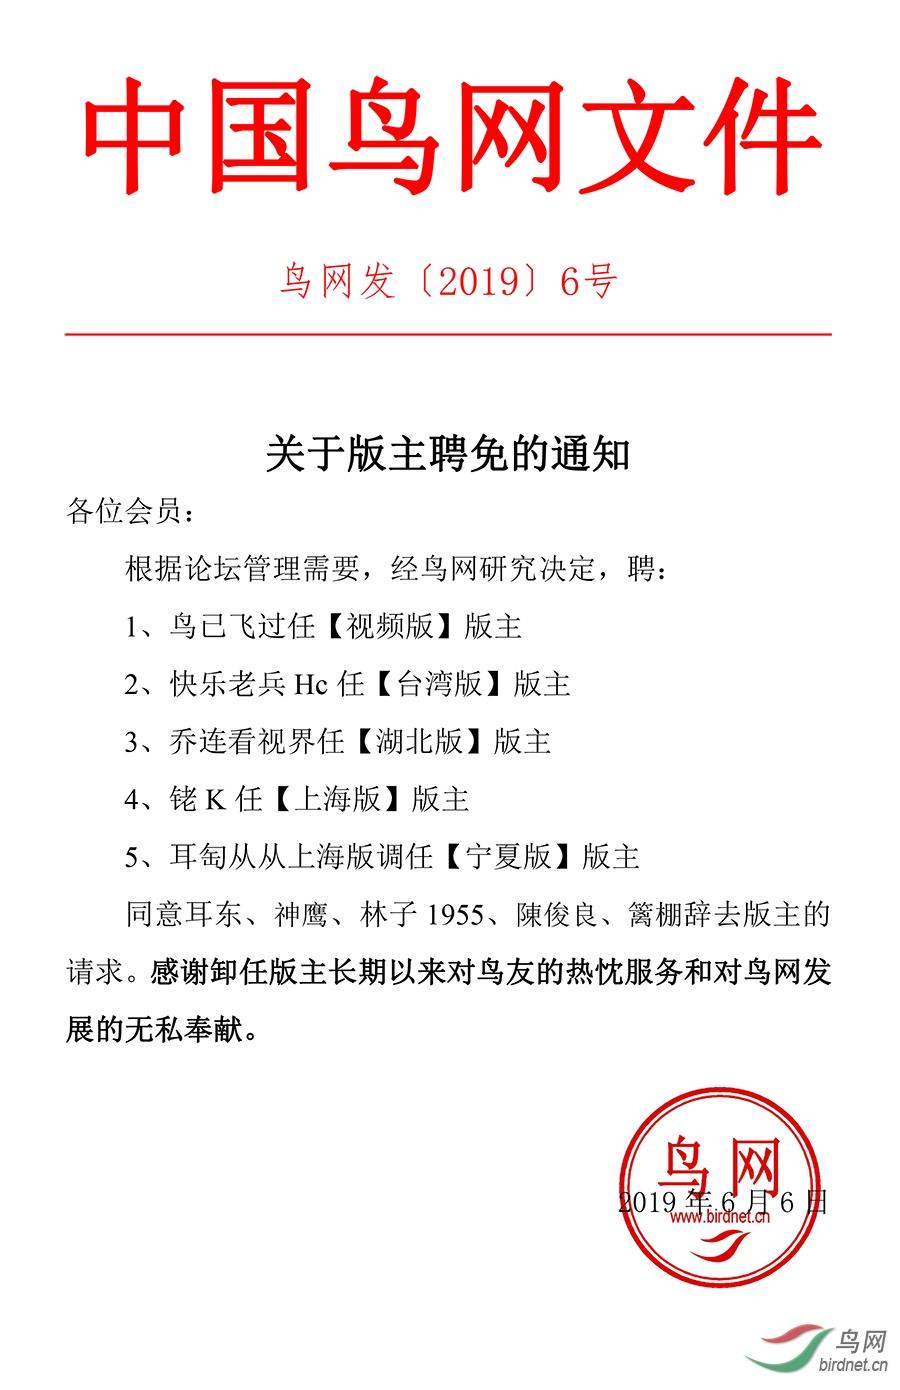 关于版主聘免的通知【中国鸟网红头文件】.jpg